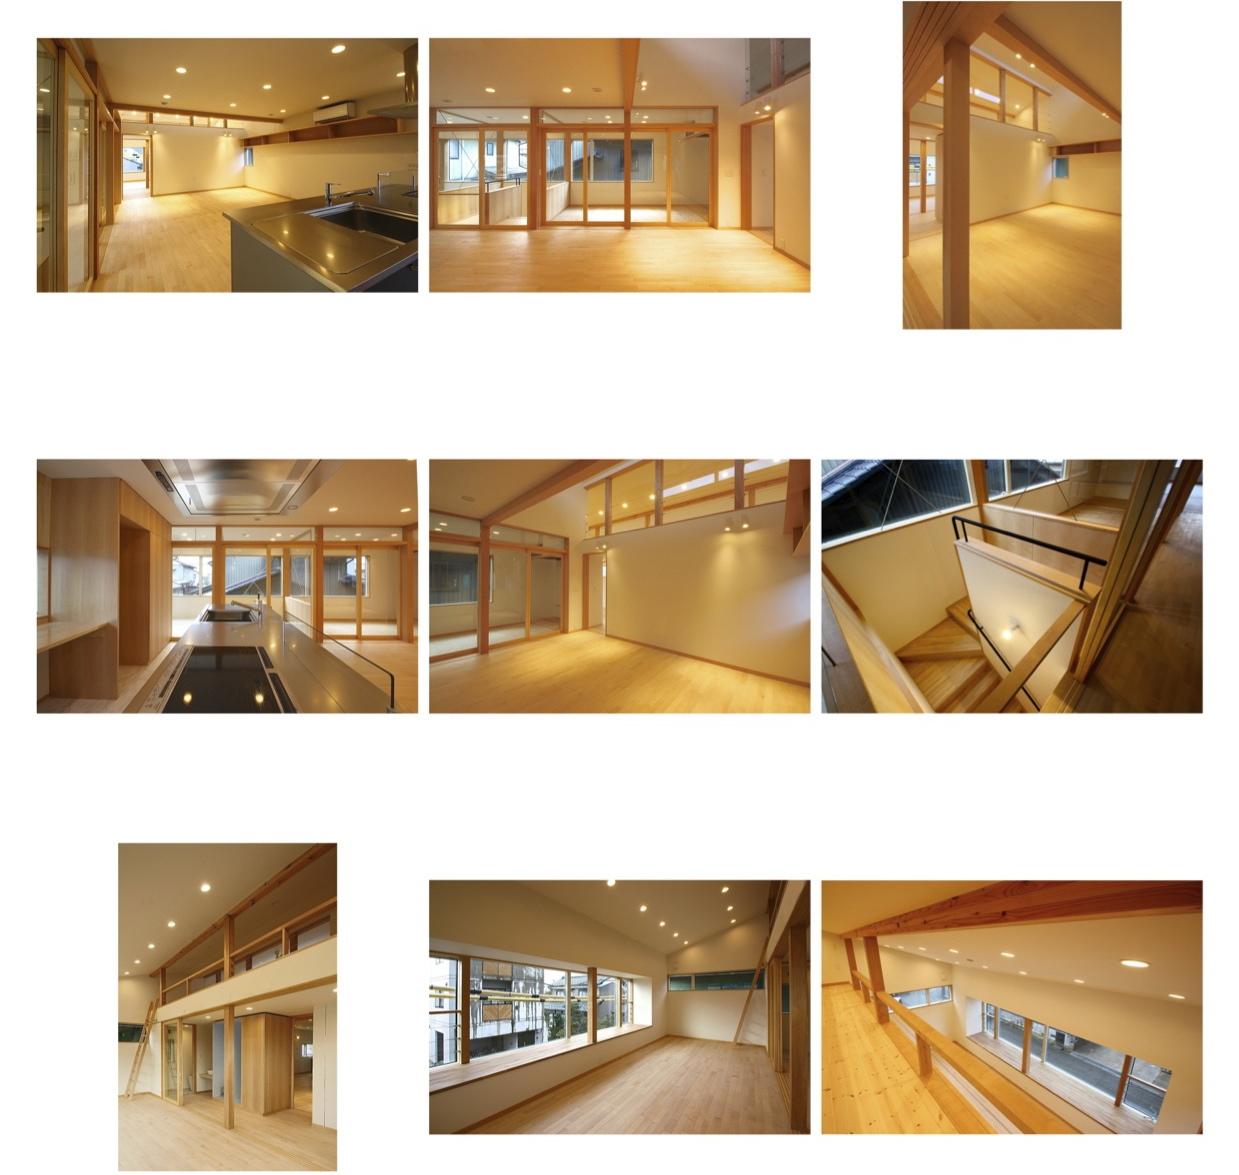 福井県福井市で、パッシブハウスを考える。「かみきたののいえ」編_f0165030_845557.jpg